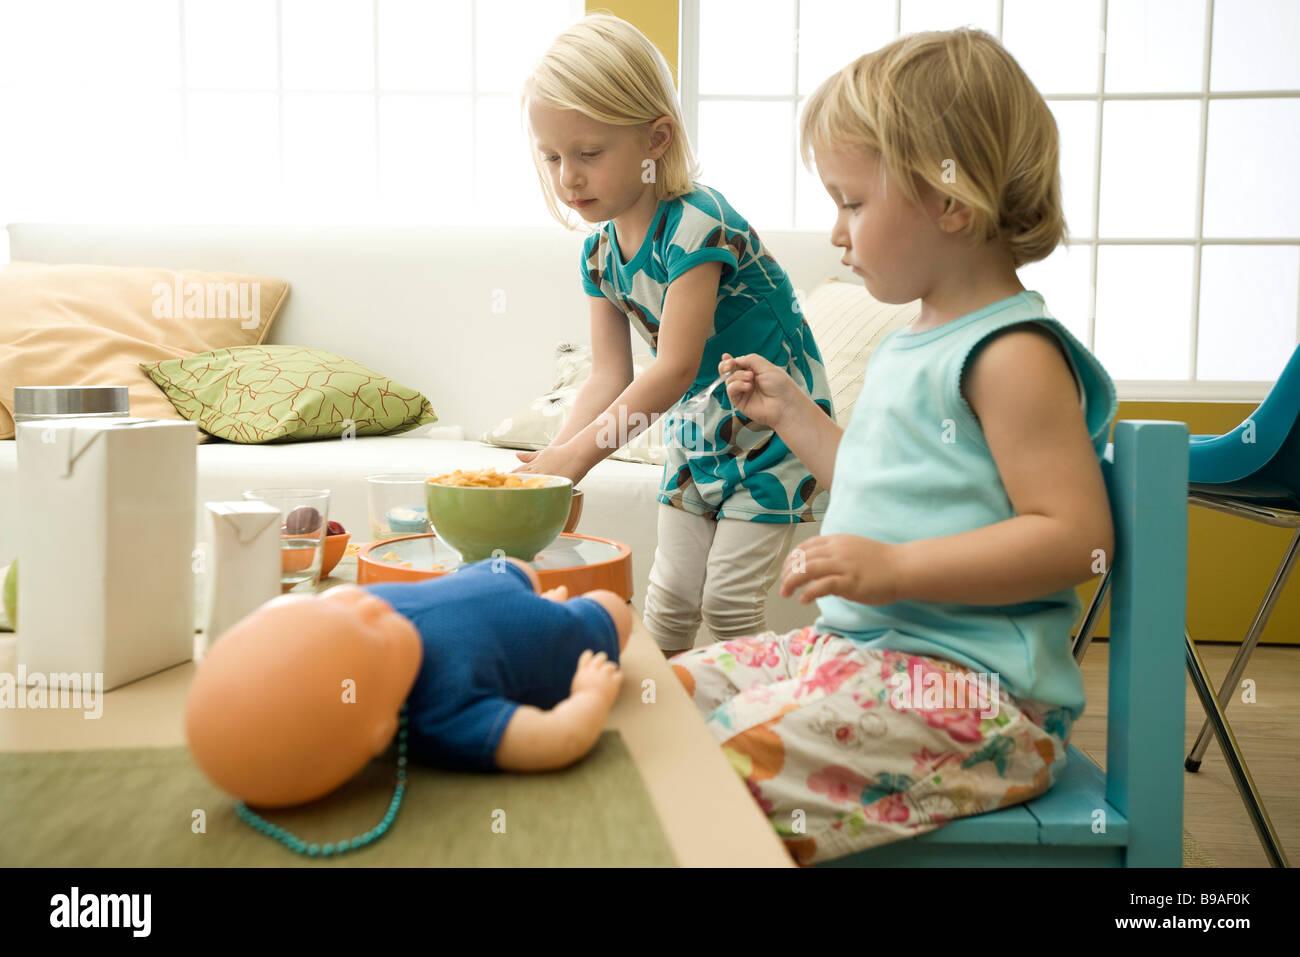 Kleine Mädchen essen Müsli an unordentlich Tisch Stockfoto